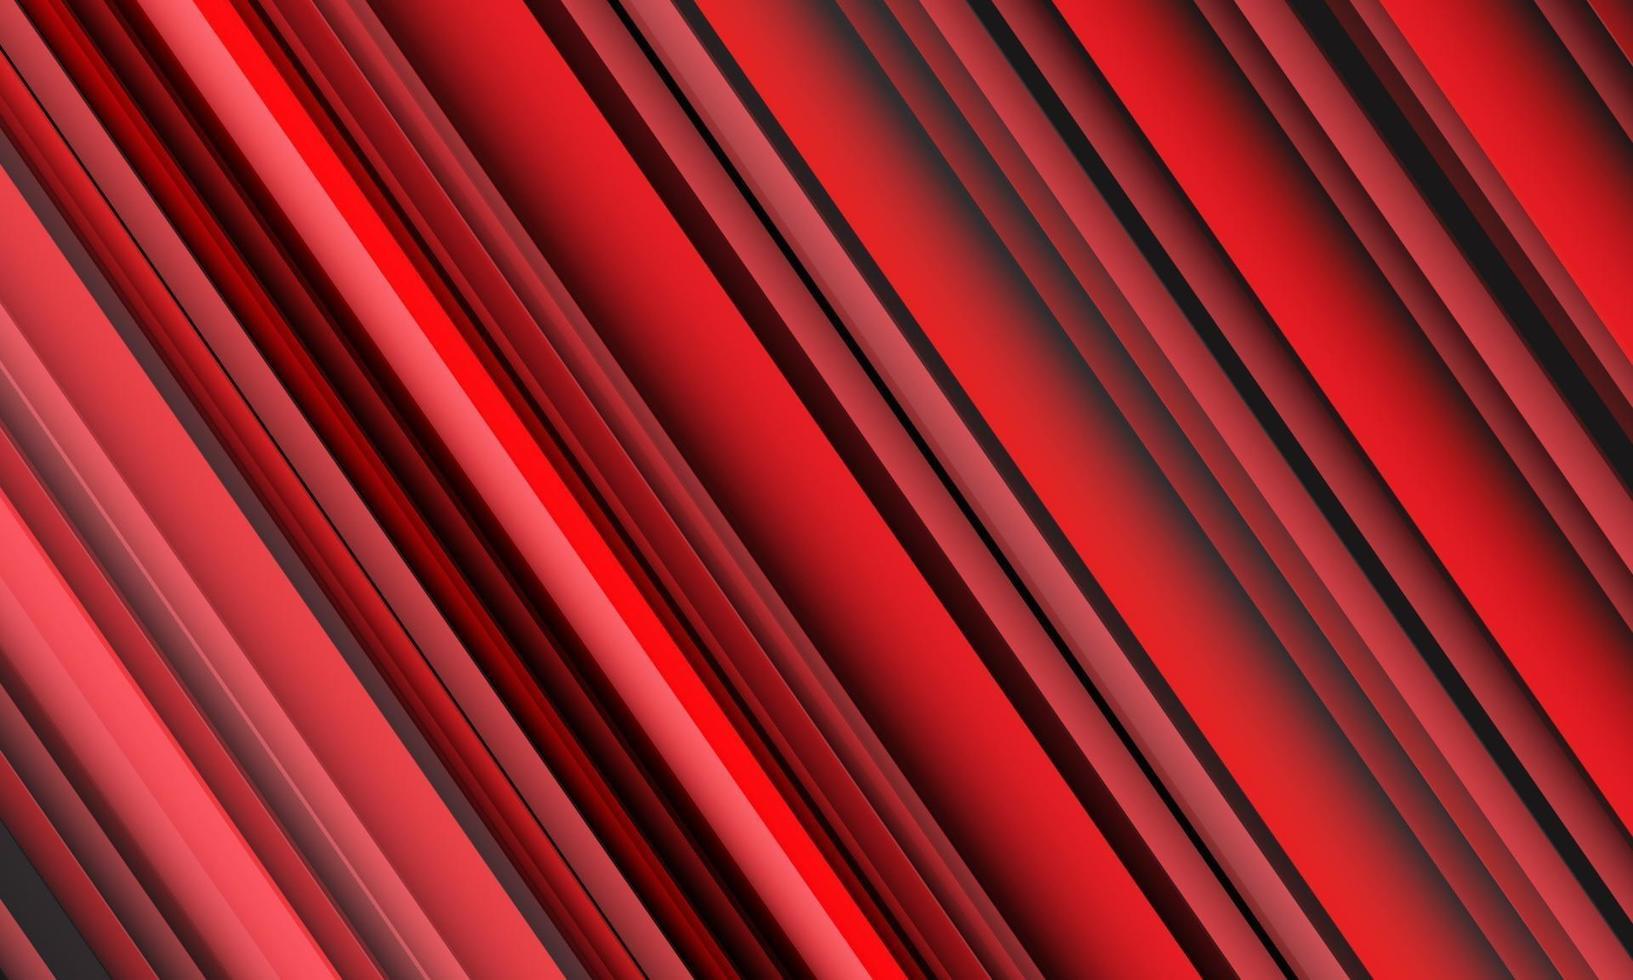 abstracte rode grijze lijn snelheid textuur achtergrond vectorillustratie. vector